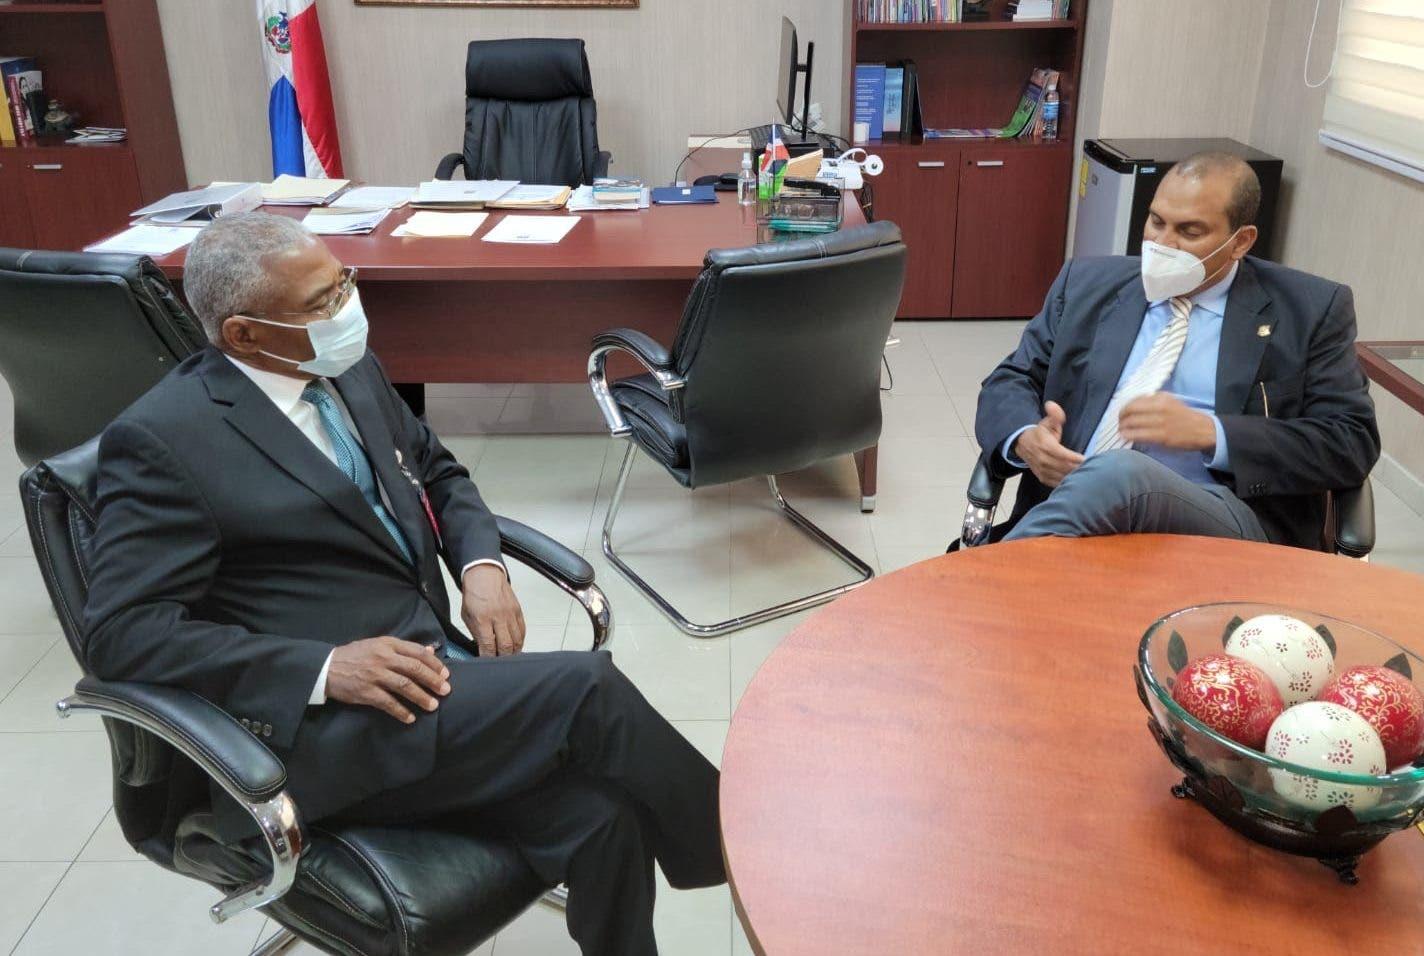 Senador haitiano sugiere mecanismos pacíficos para resolver el conflicto por desvío río El Masacre